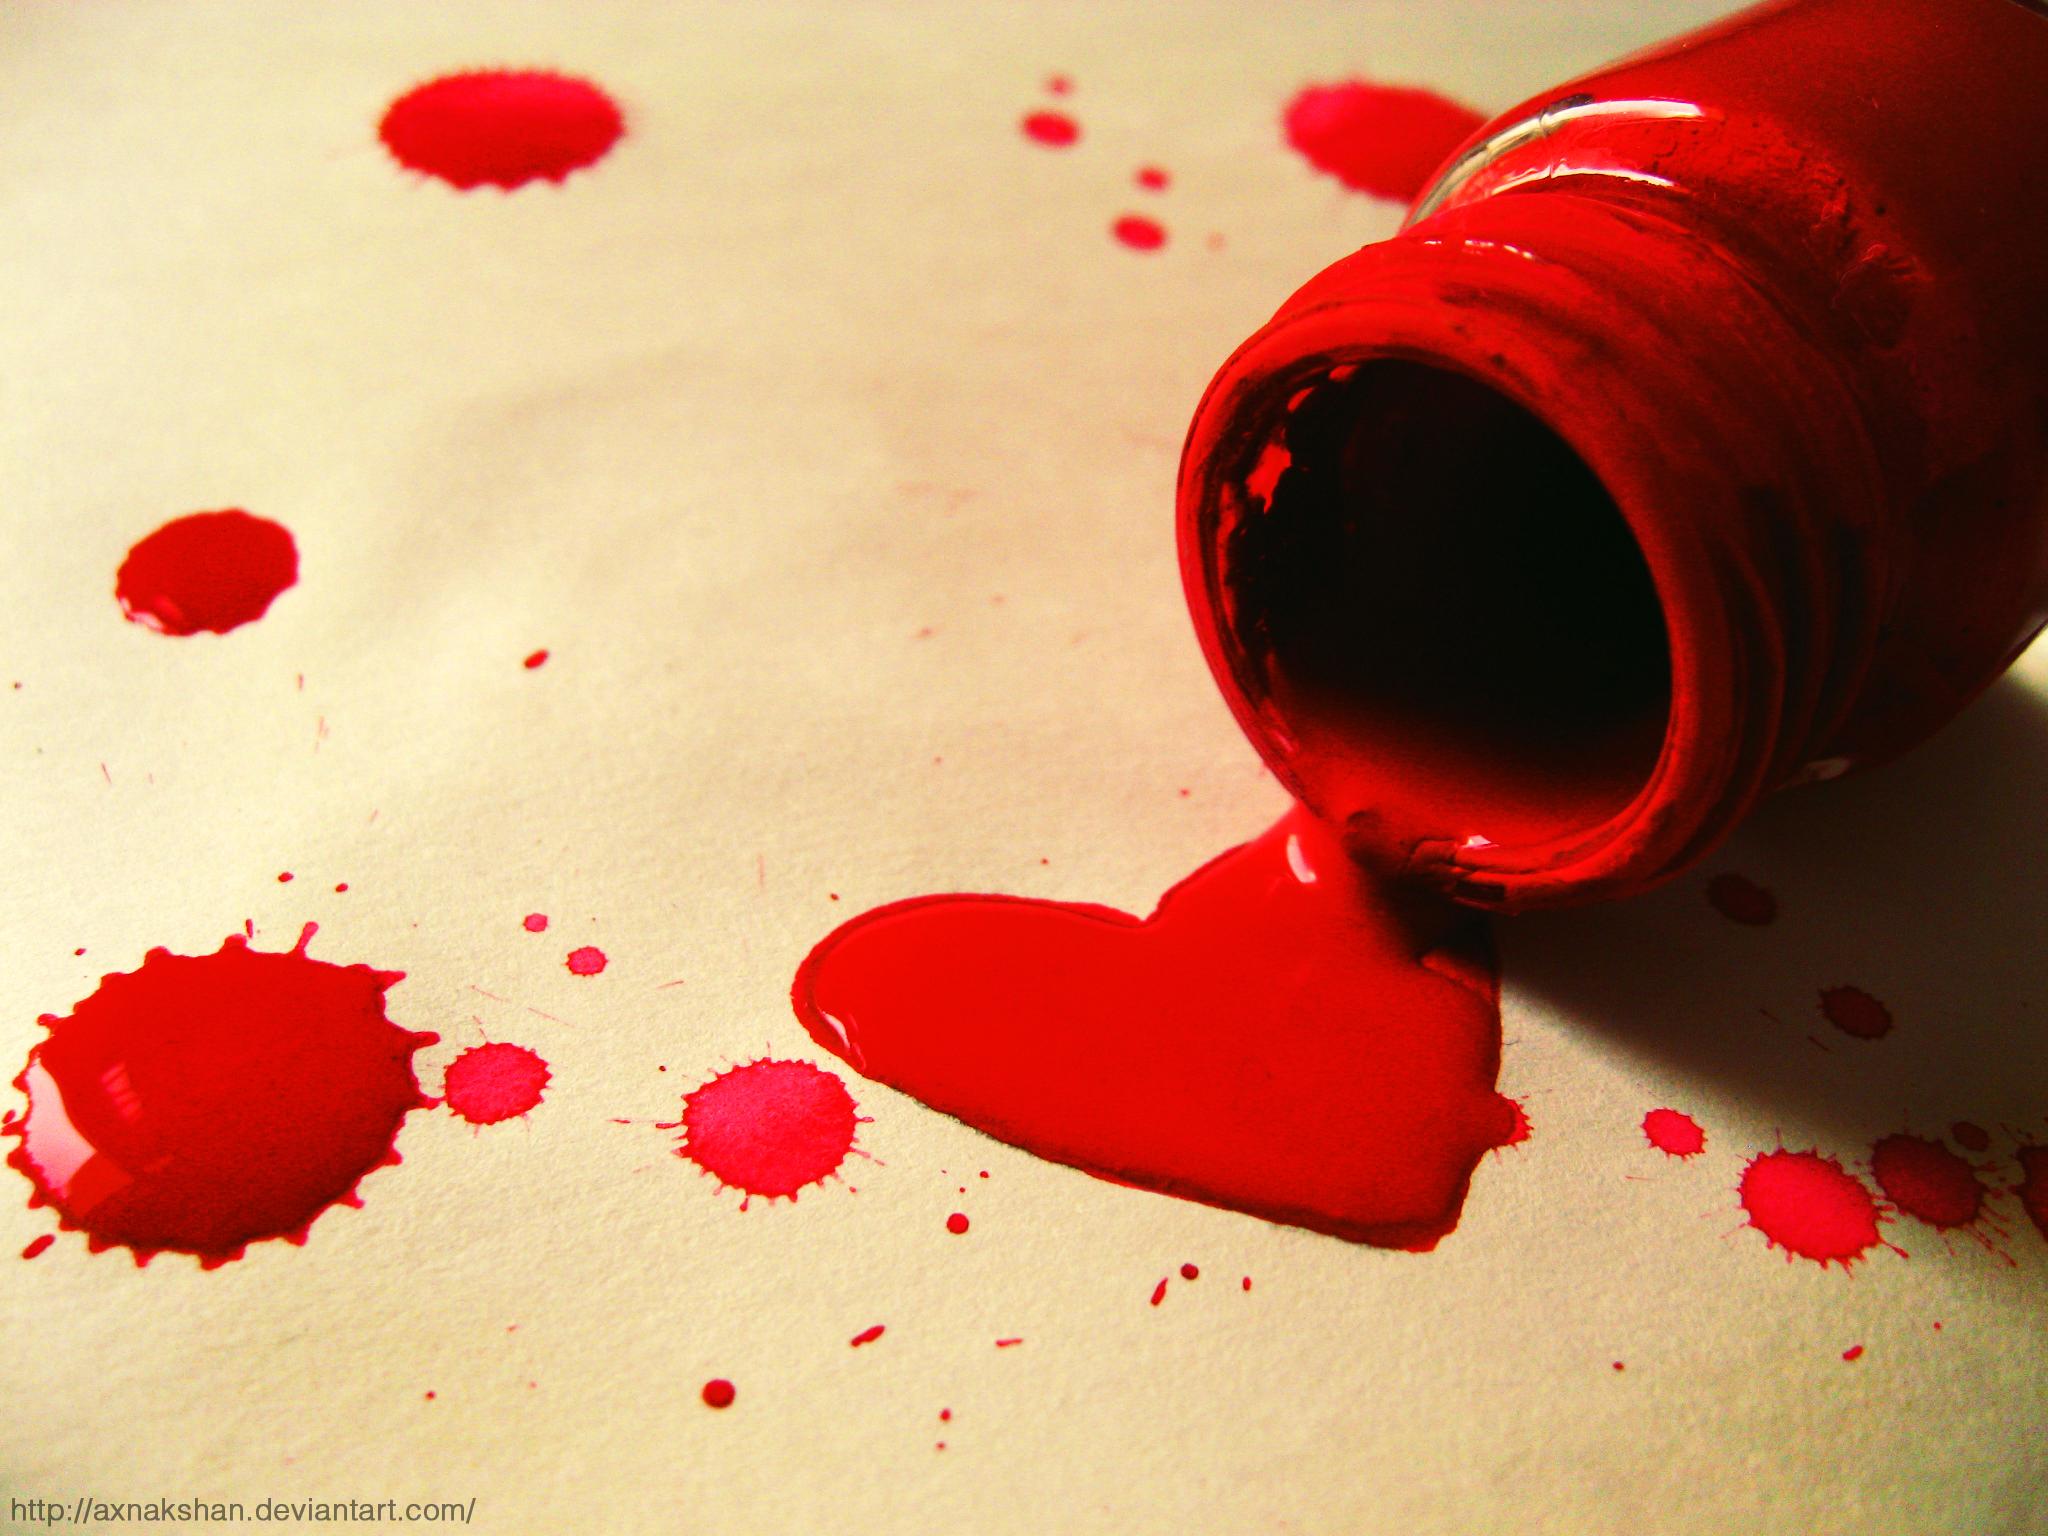 http://fc04.deviantart.net/fs70/f/2011/142/1/4/keep_bleeding_love_by_axnakshan-d3gyc4h.jpg